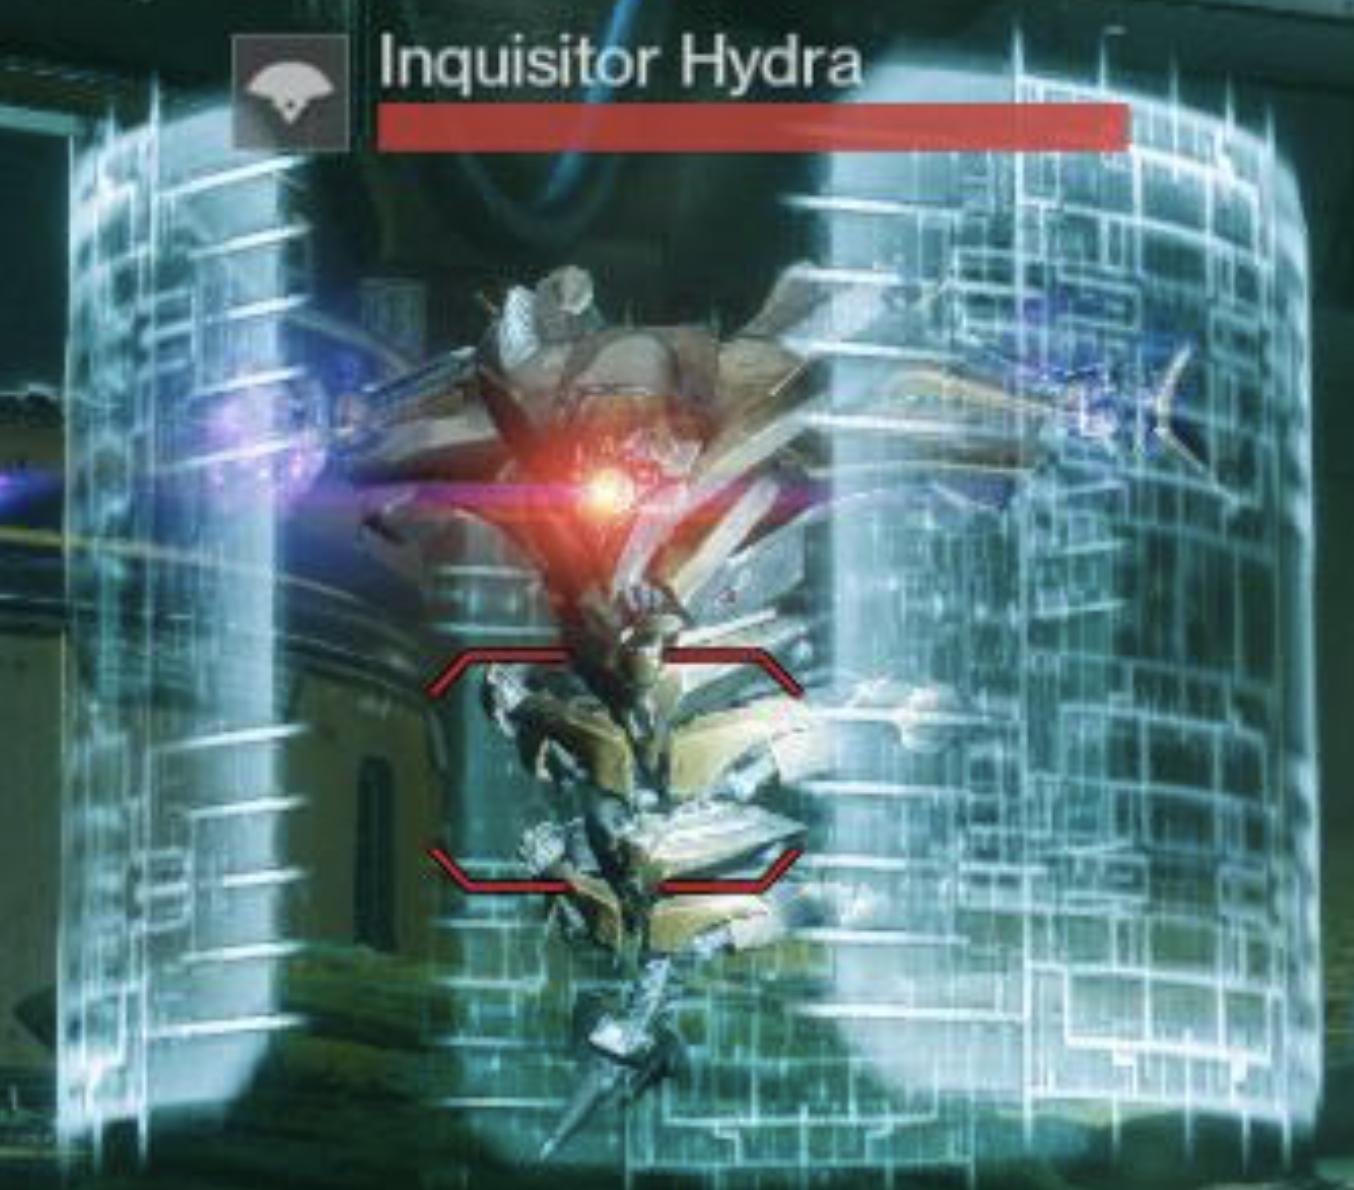 Гидра-инквизитор